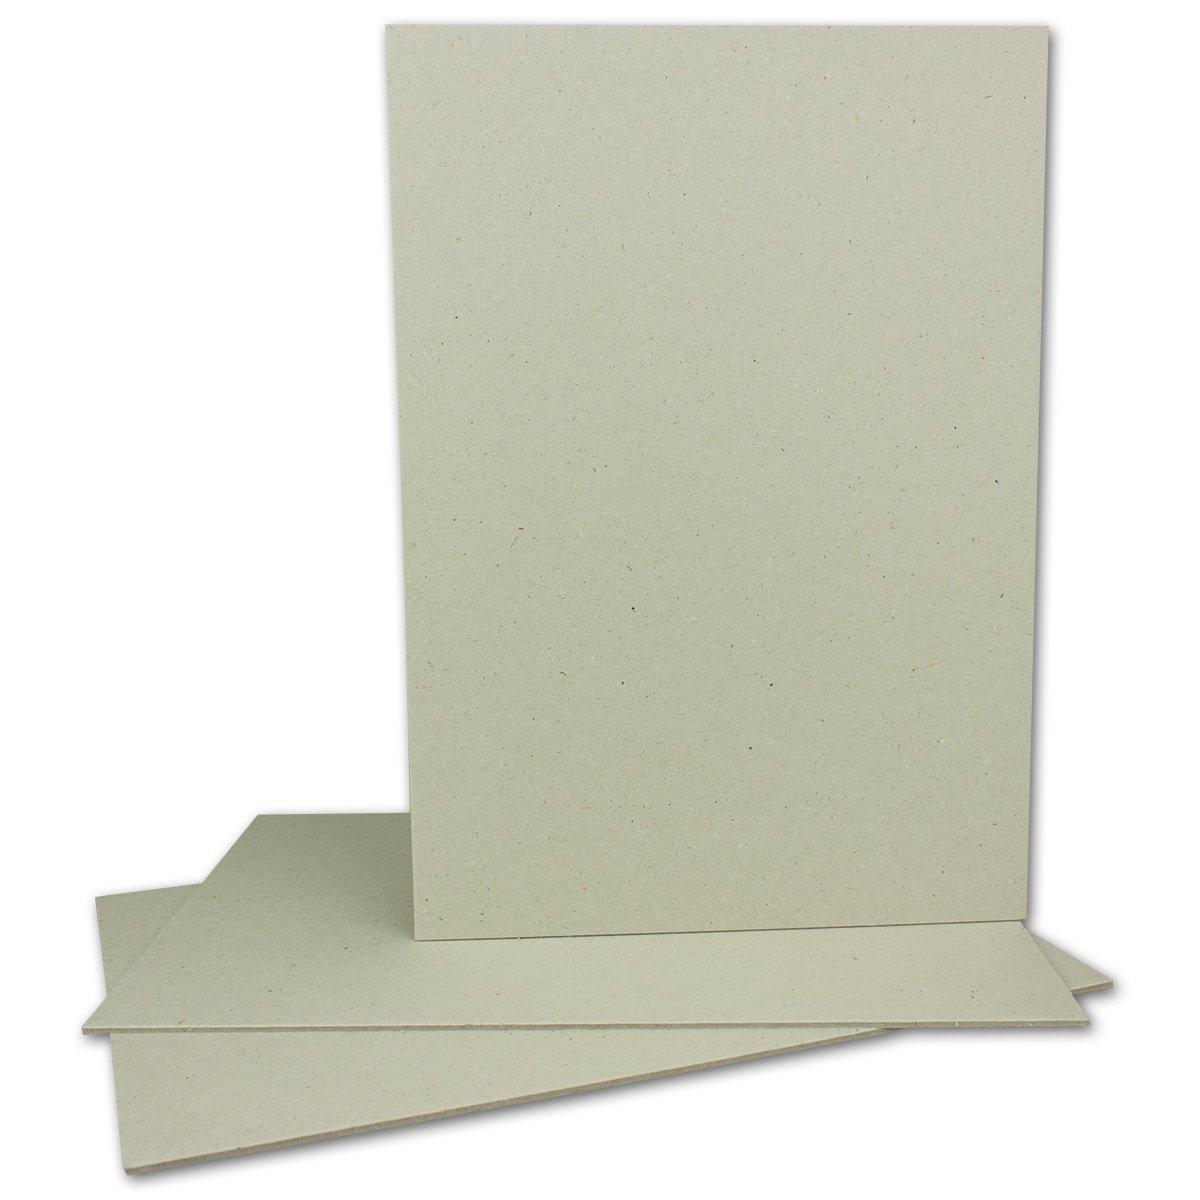 100 Stück Buchbinderpappe DIN A4   Stärke 2,0 mm   Grammatur  1230 g m²   Format  29,7 x 21,0 cm   Farbe  Grau-Braun   100 Stück B074NXP7JY | Erste in seiner Klasse